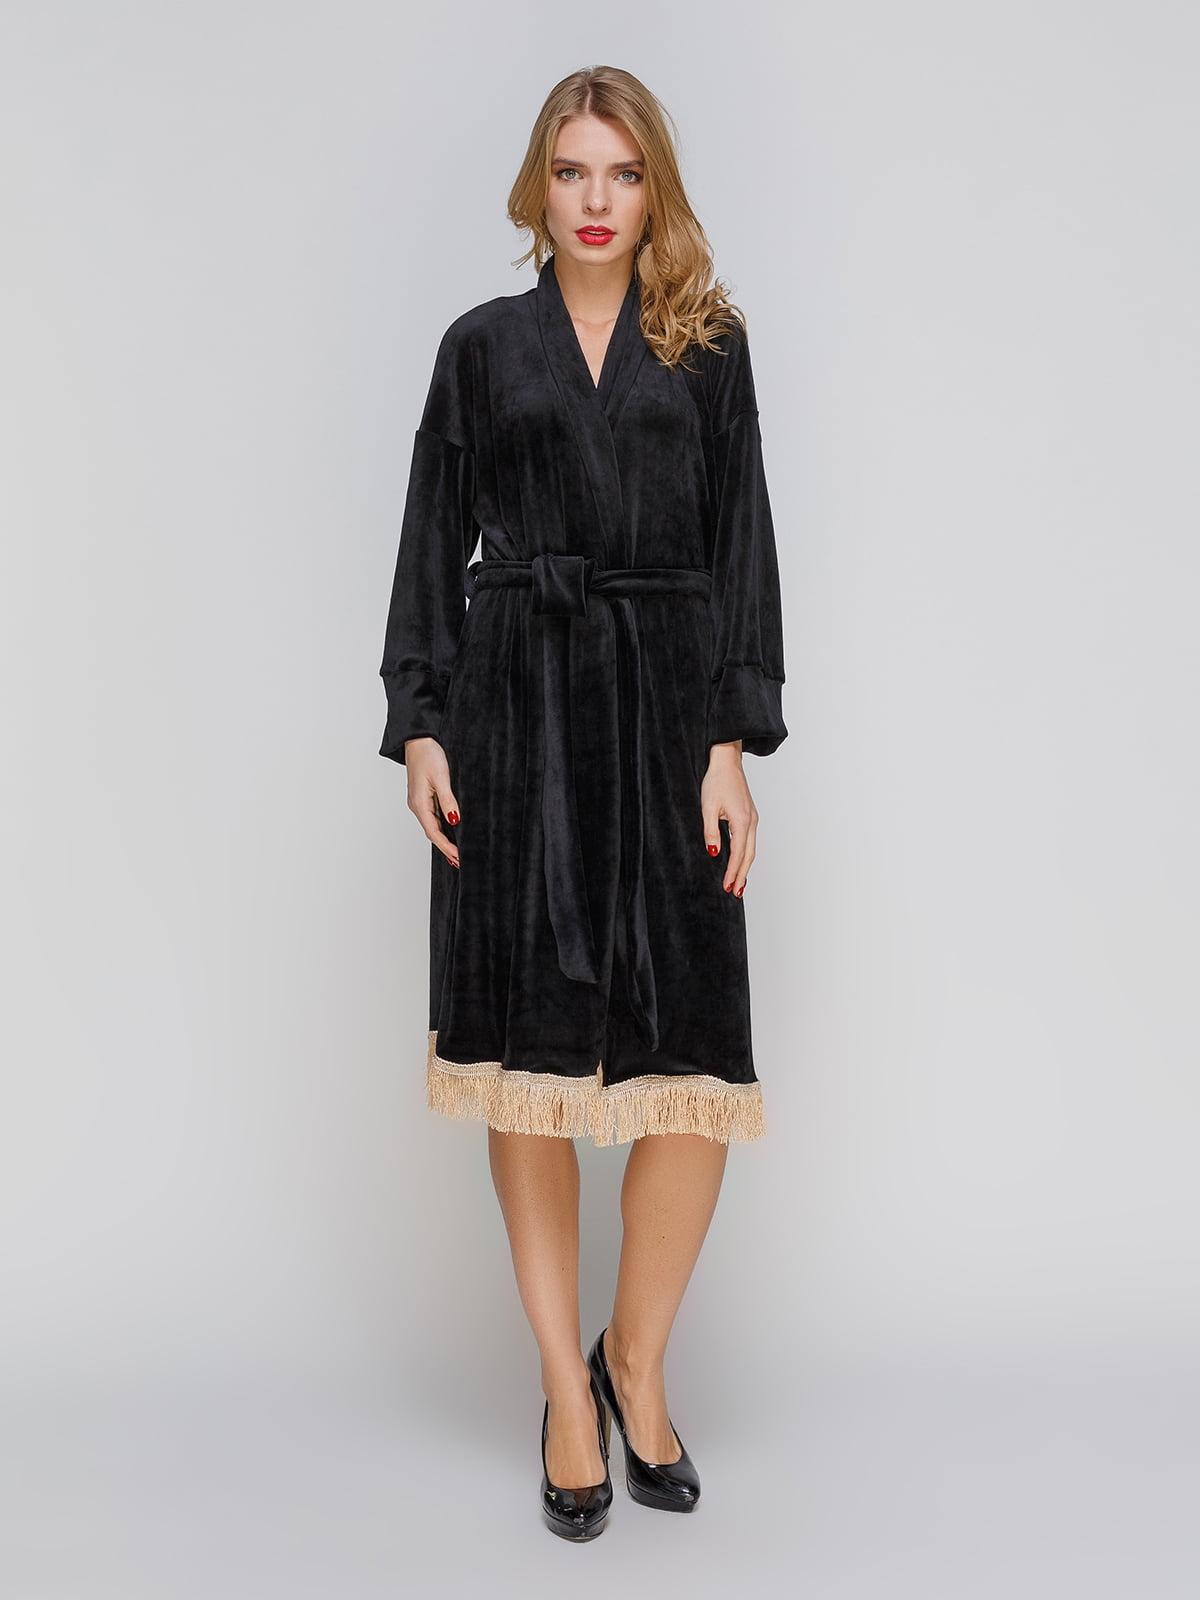 Сукня чорна з оксамиту з бахромою | 3045932